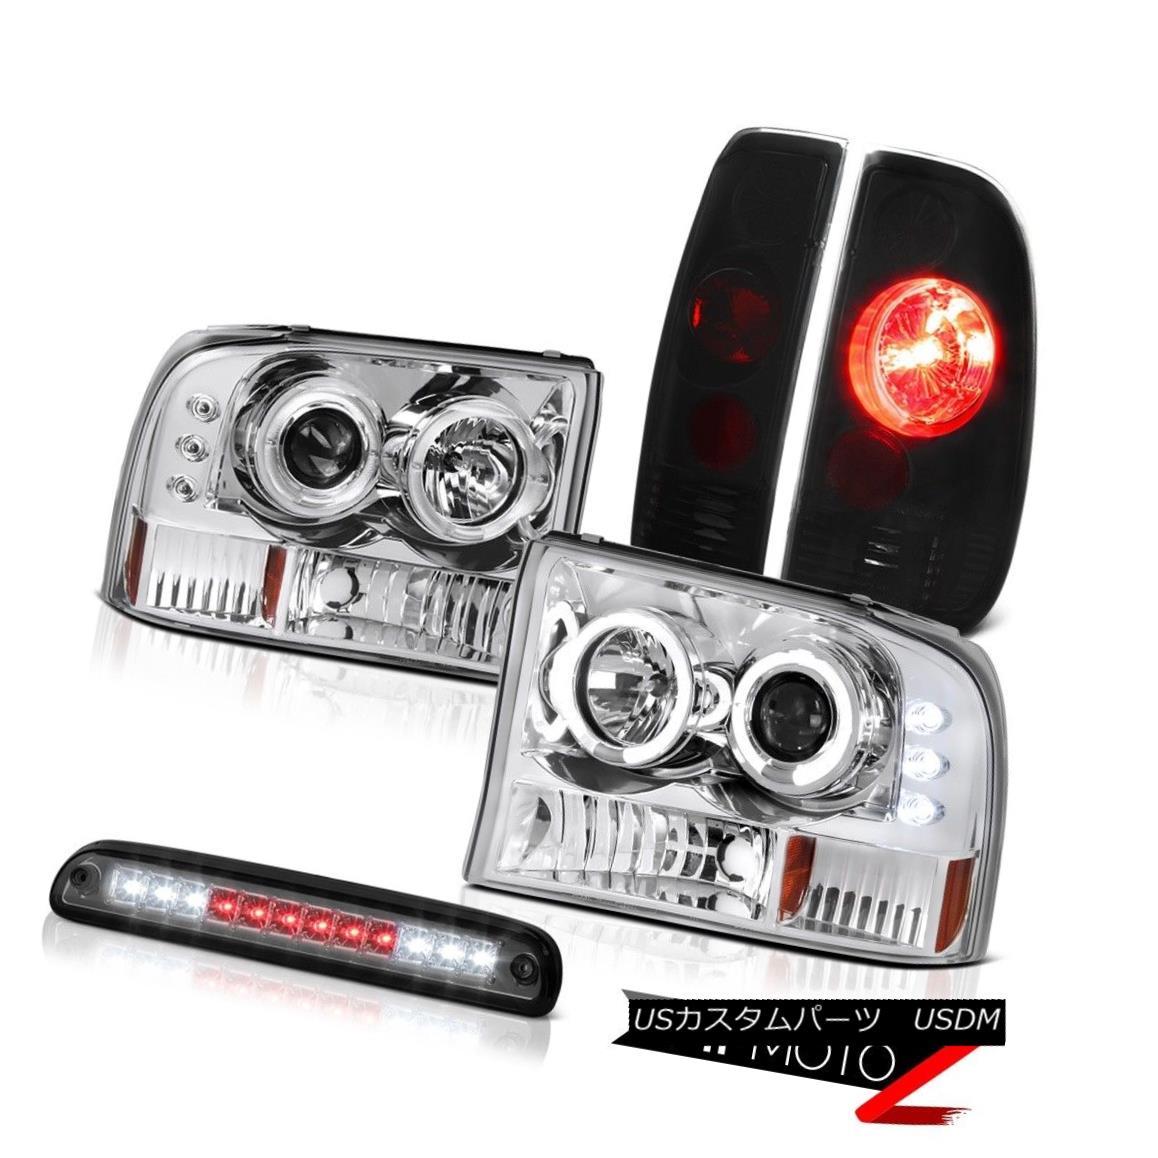 テールライト Halo Rim Headlight Smoke 3rd Brake LED Sinister Black TailLight 1999-2004 F350 Halo Rimヘッドライトスモーク3ブレーキLED Sinister Black TailLight 1999-2004 F350